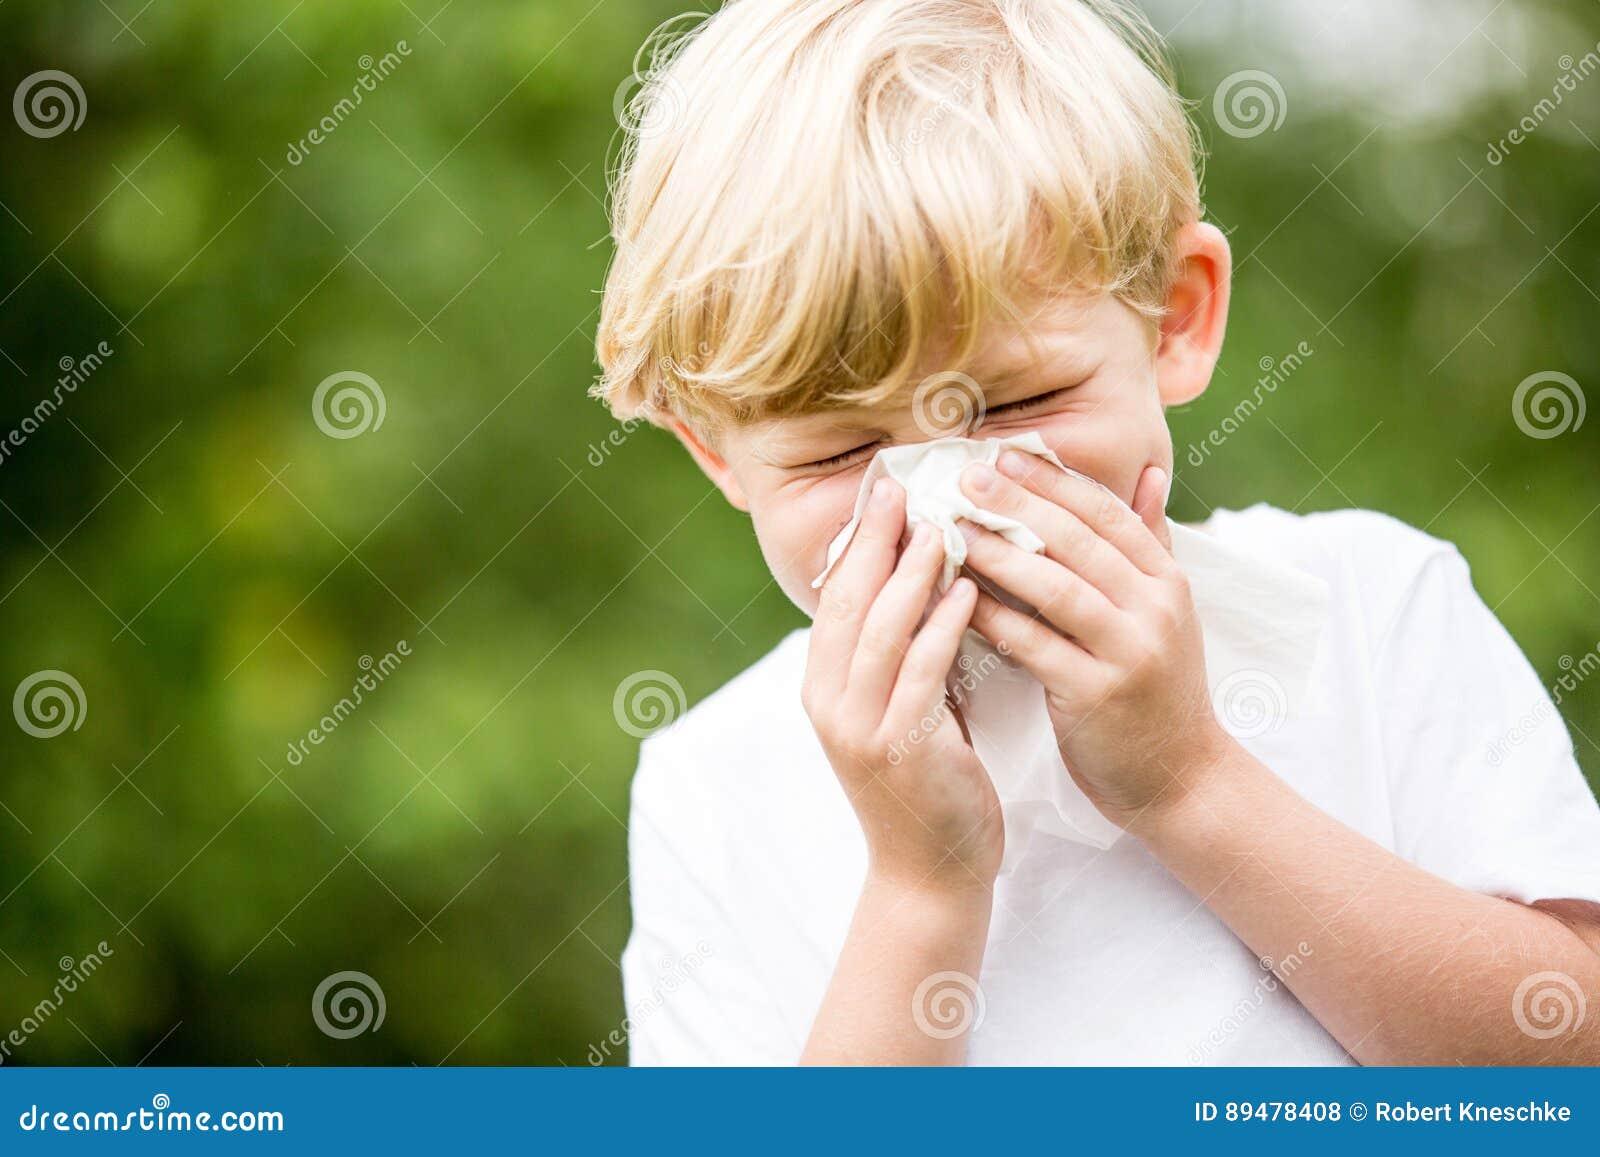 Niño con un estornudo frío